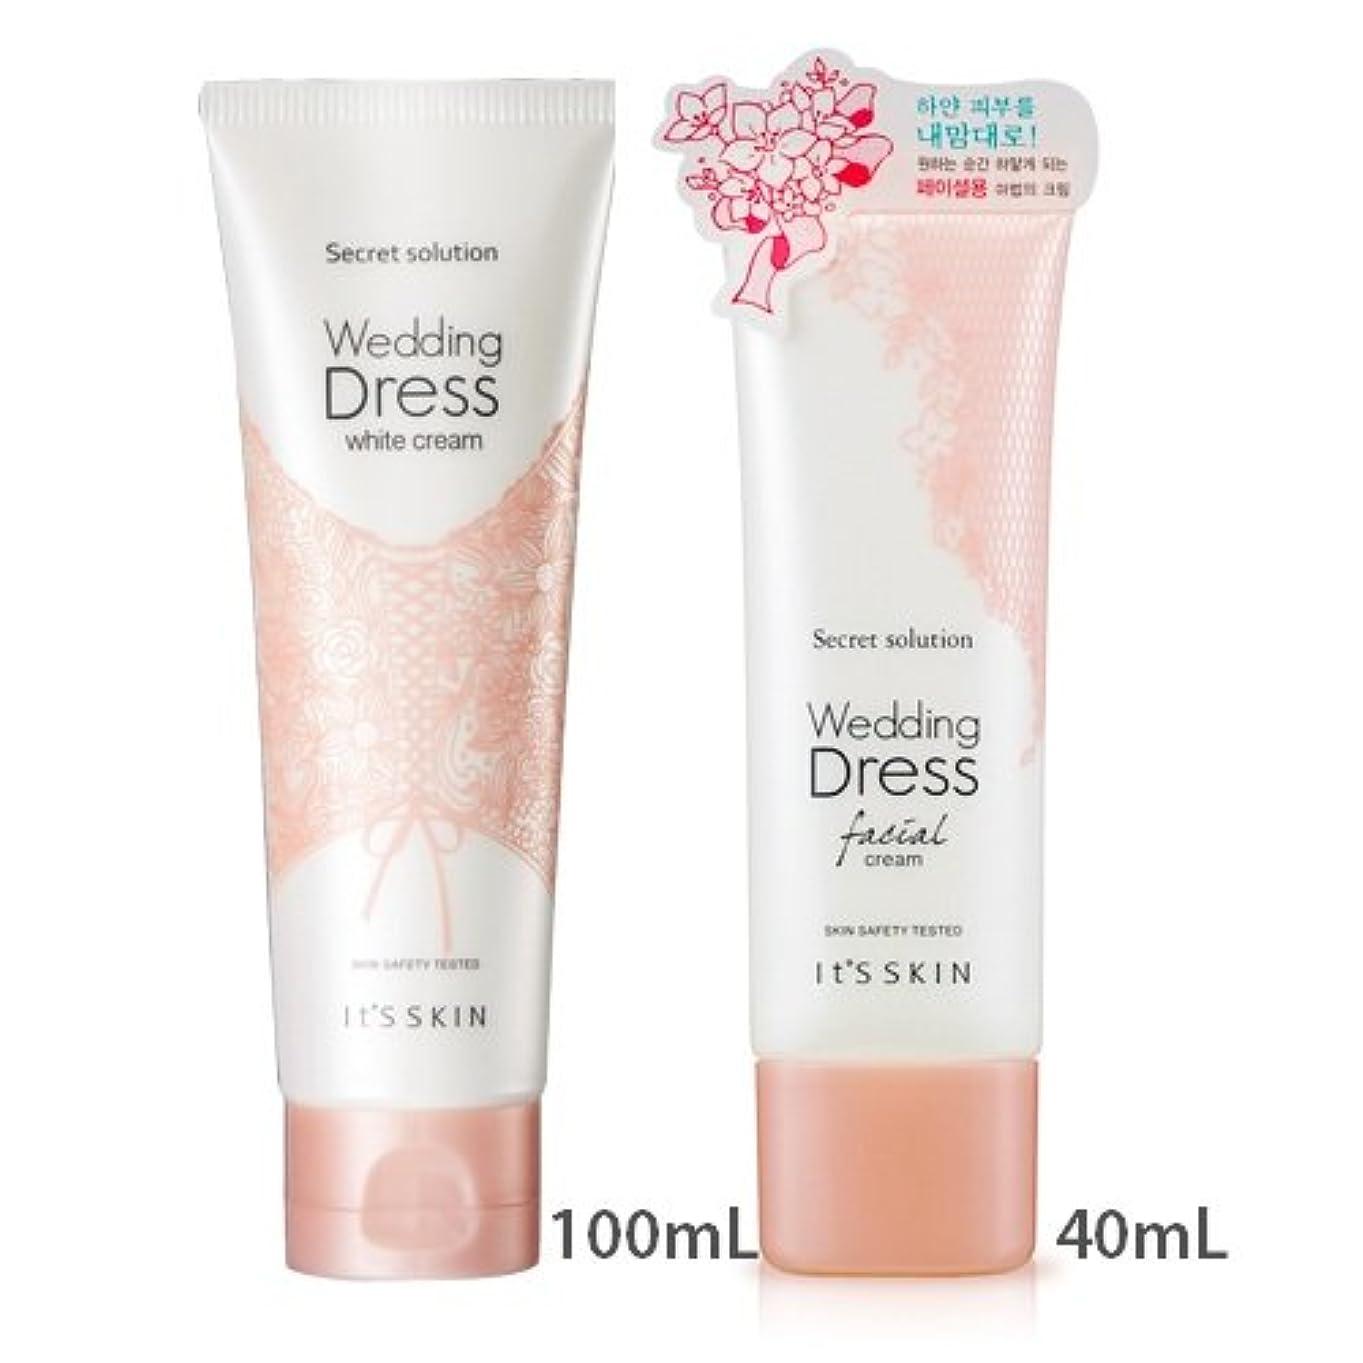 チャットマントル神秘[1+1] It's skin Secret Solution Wedding Dress Facial Cream 40mL + Secret Solution Wedding Dress Cream 100mL イッツスキン...